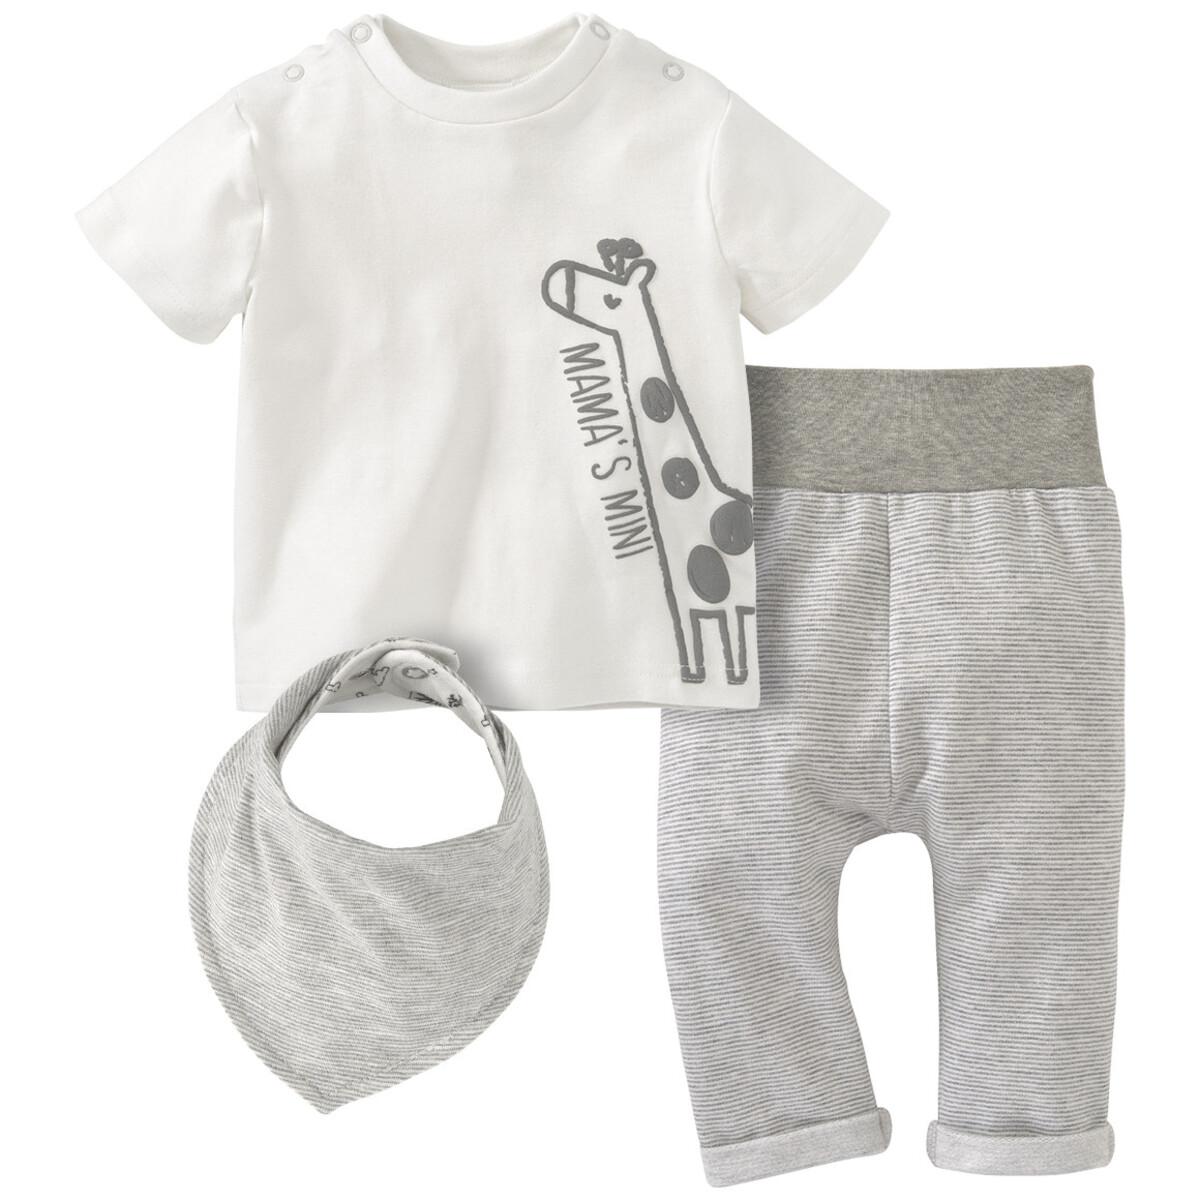 Bild 1 von Newborn T-Shirt, Hose und Bandana im Set